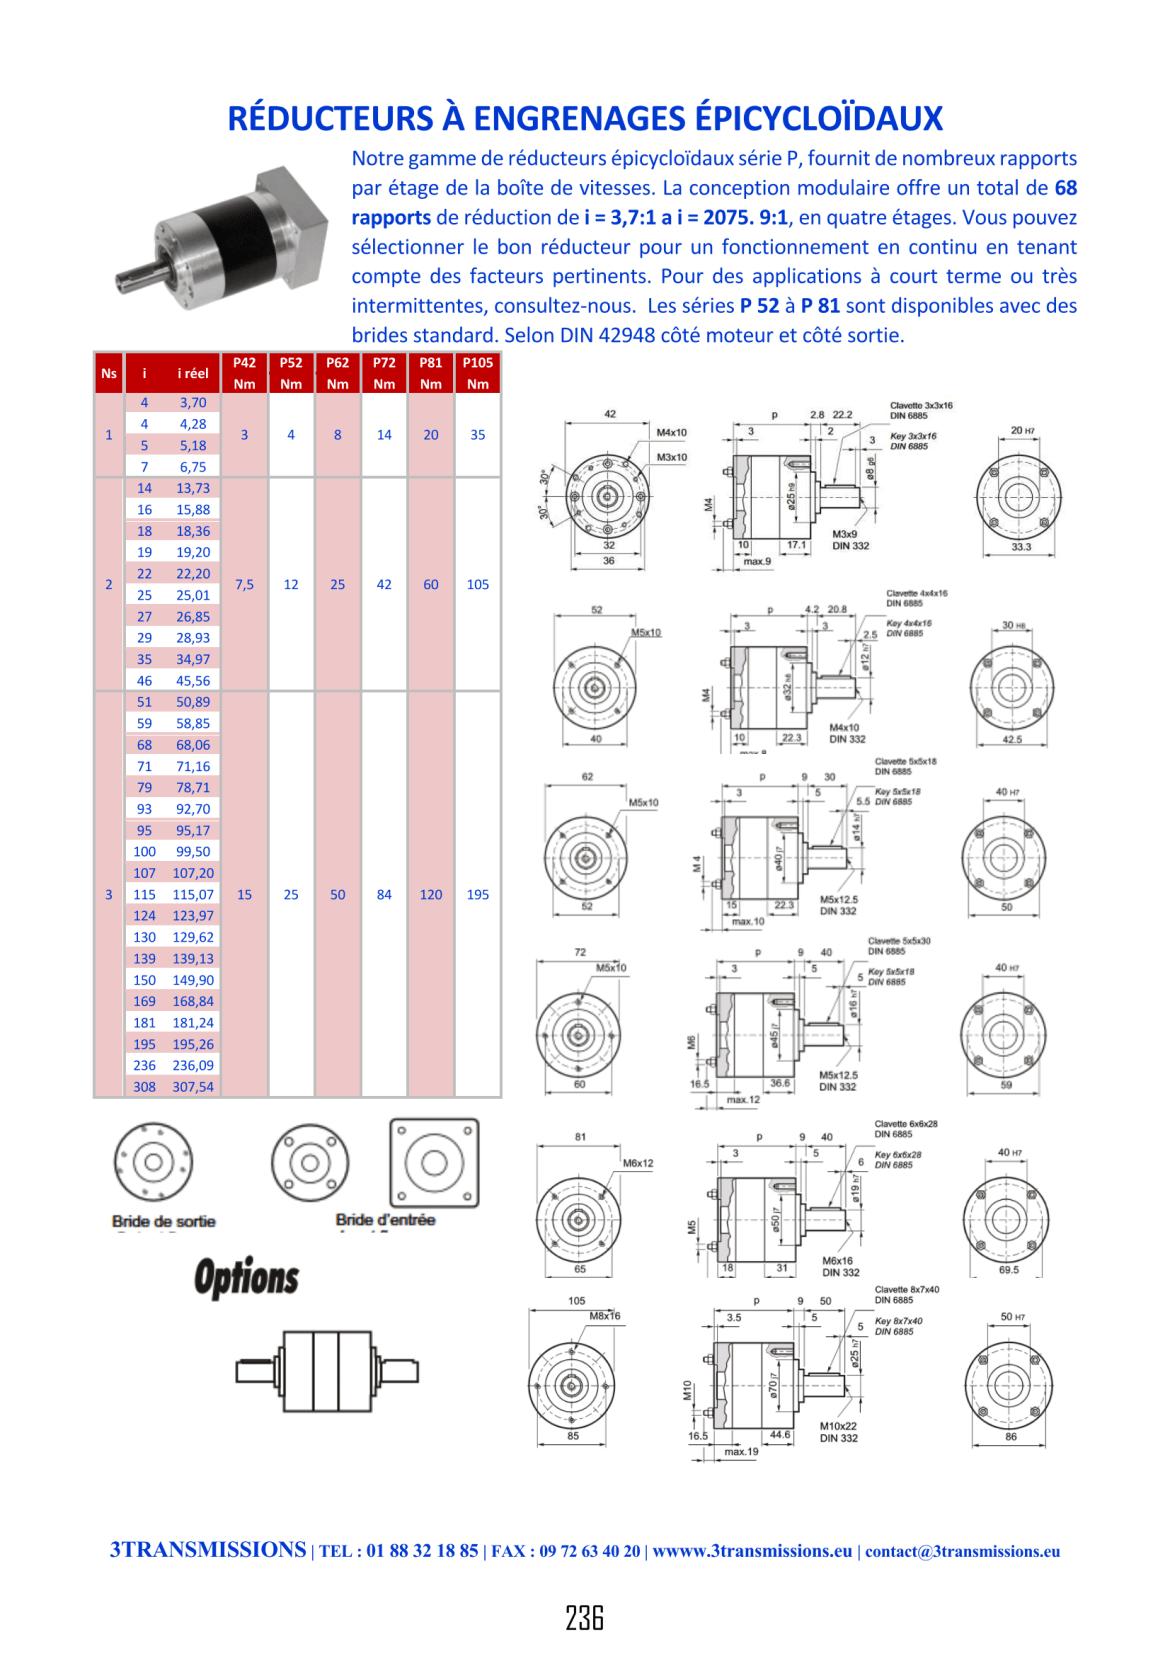 Catalogue 3Transmissions - Réducteur planétaire engrenages épicycloïdaux